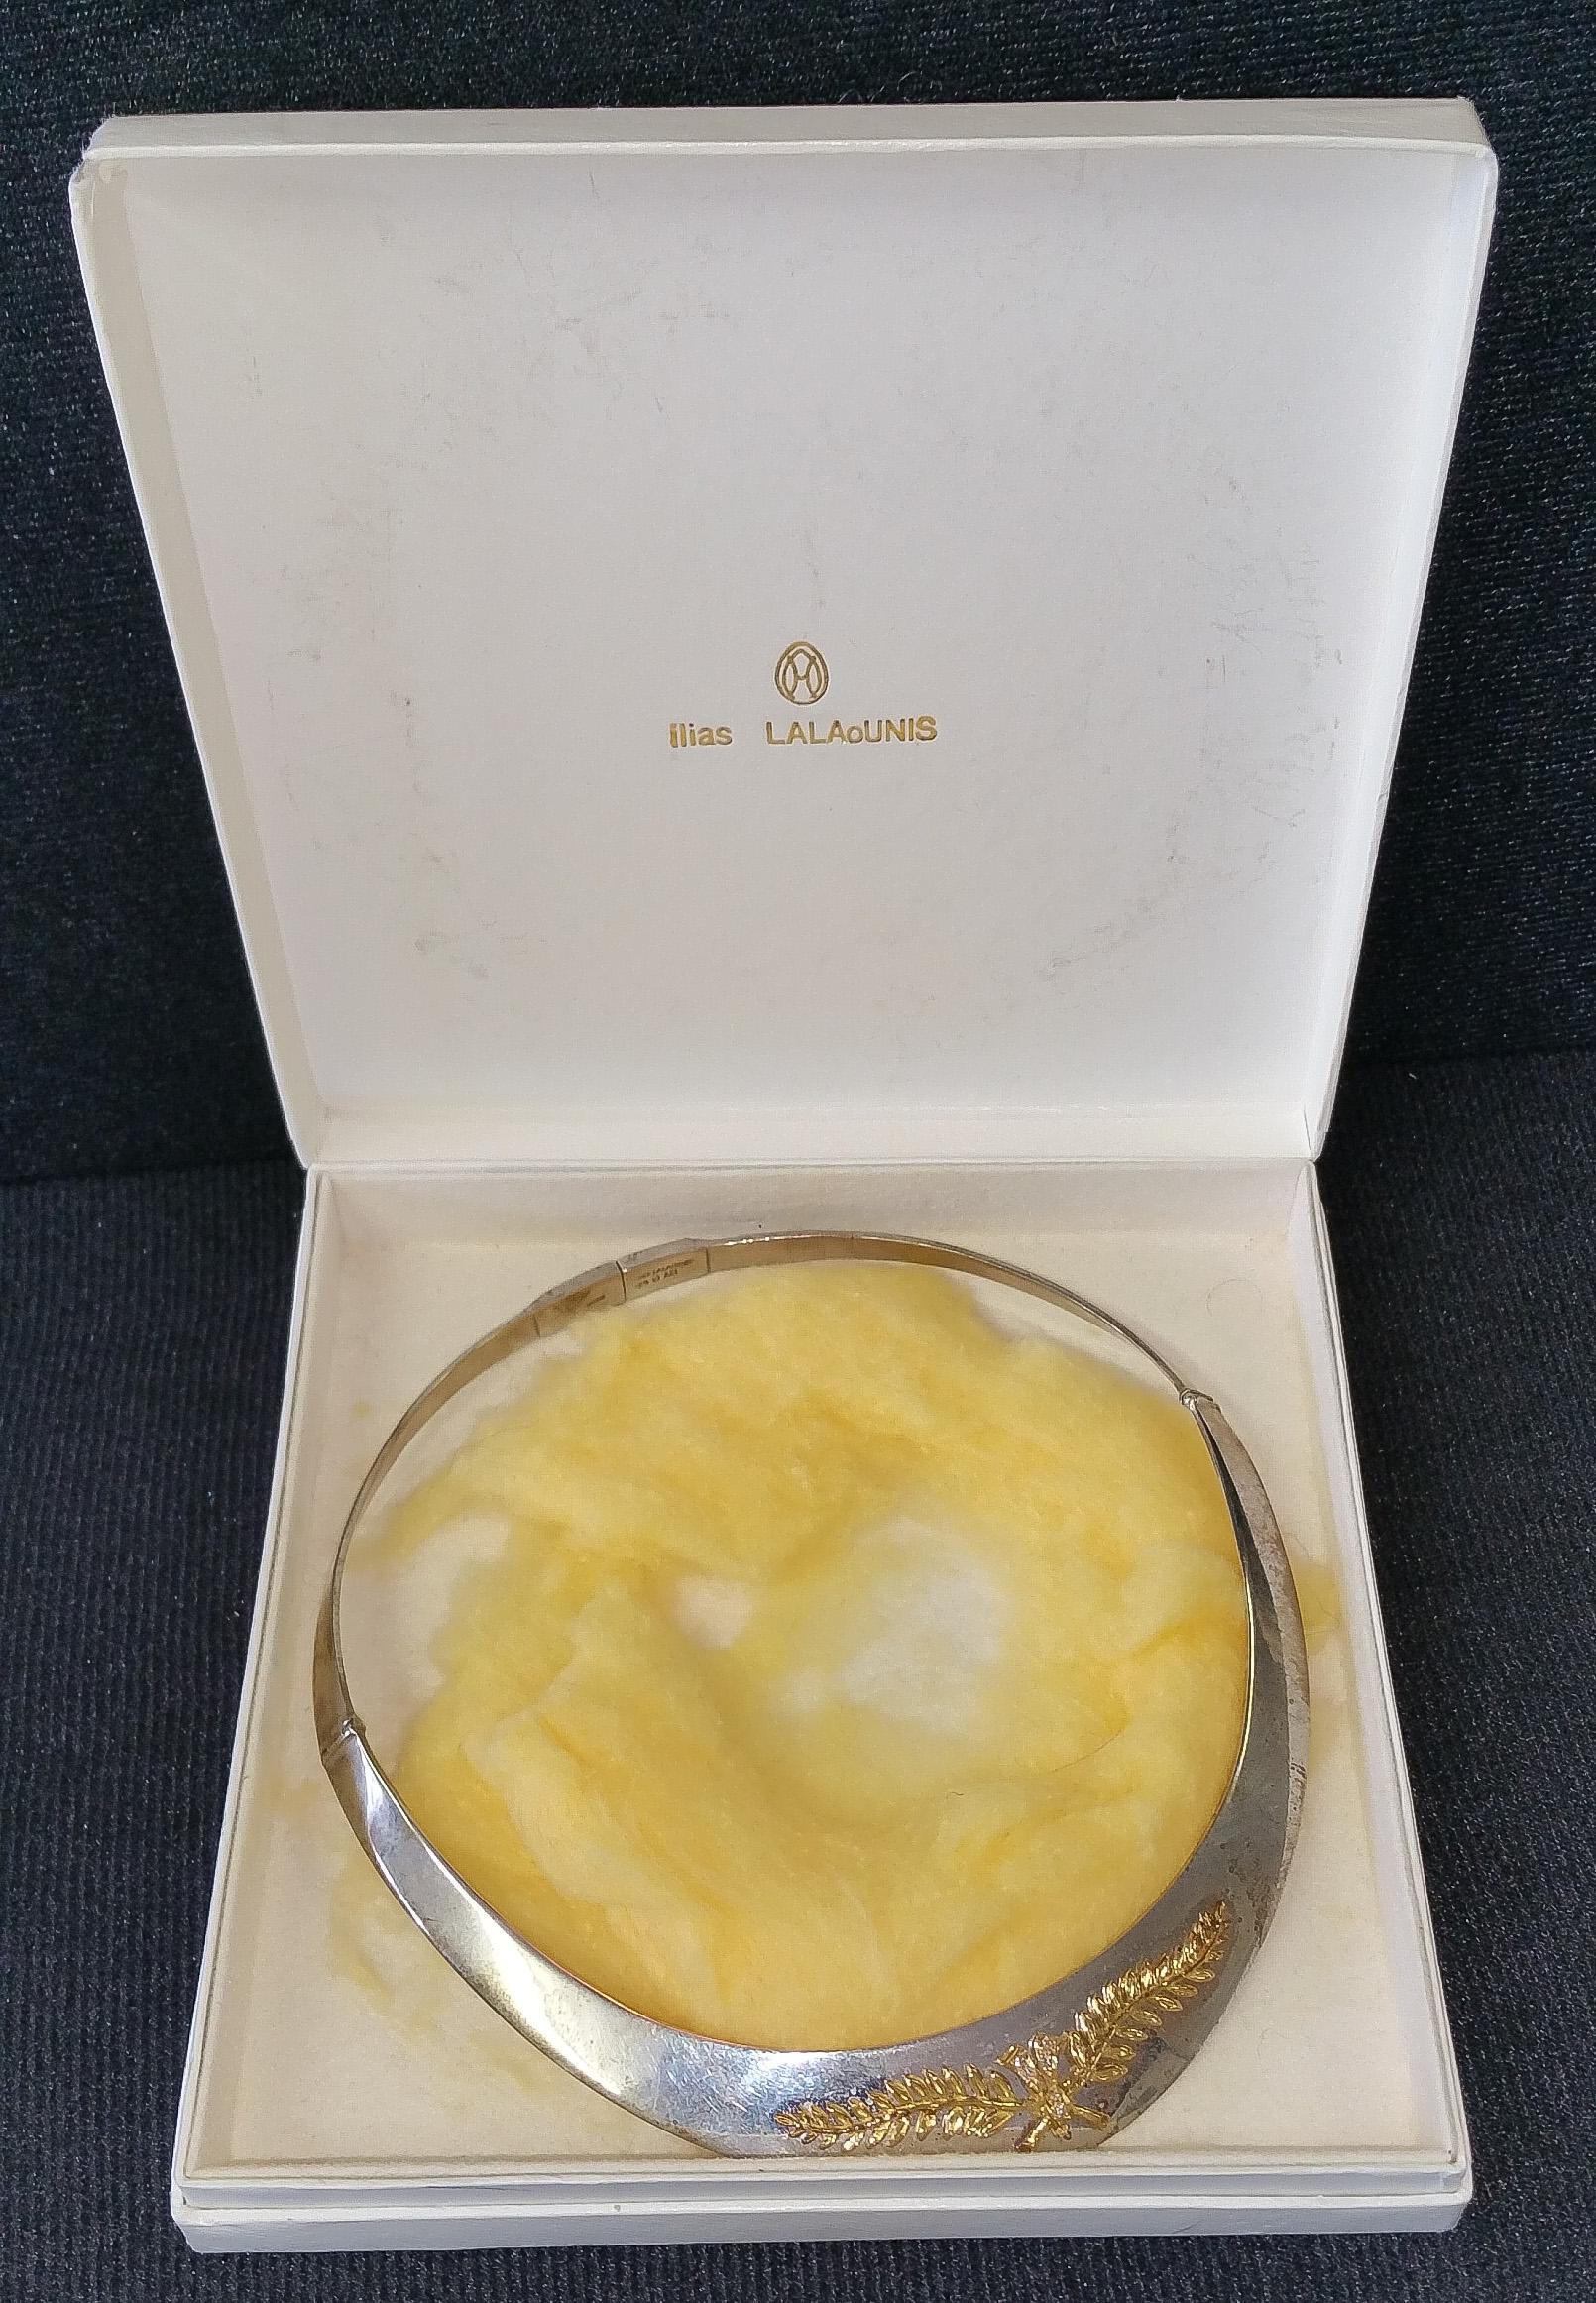 Ilias Lalaounis silver gold collar a